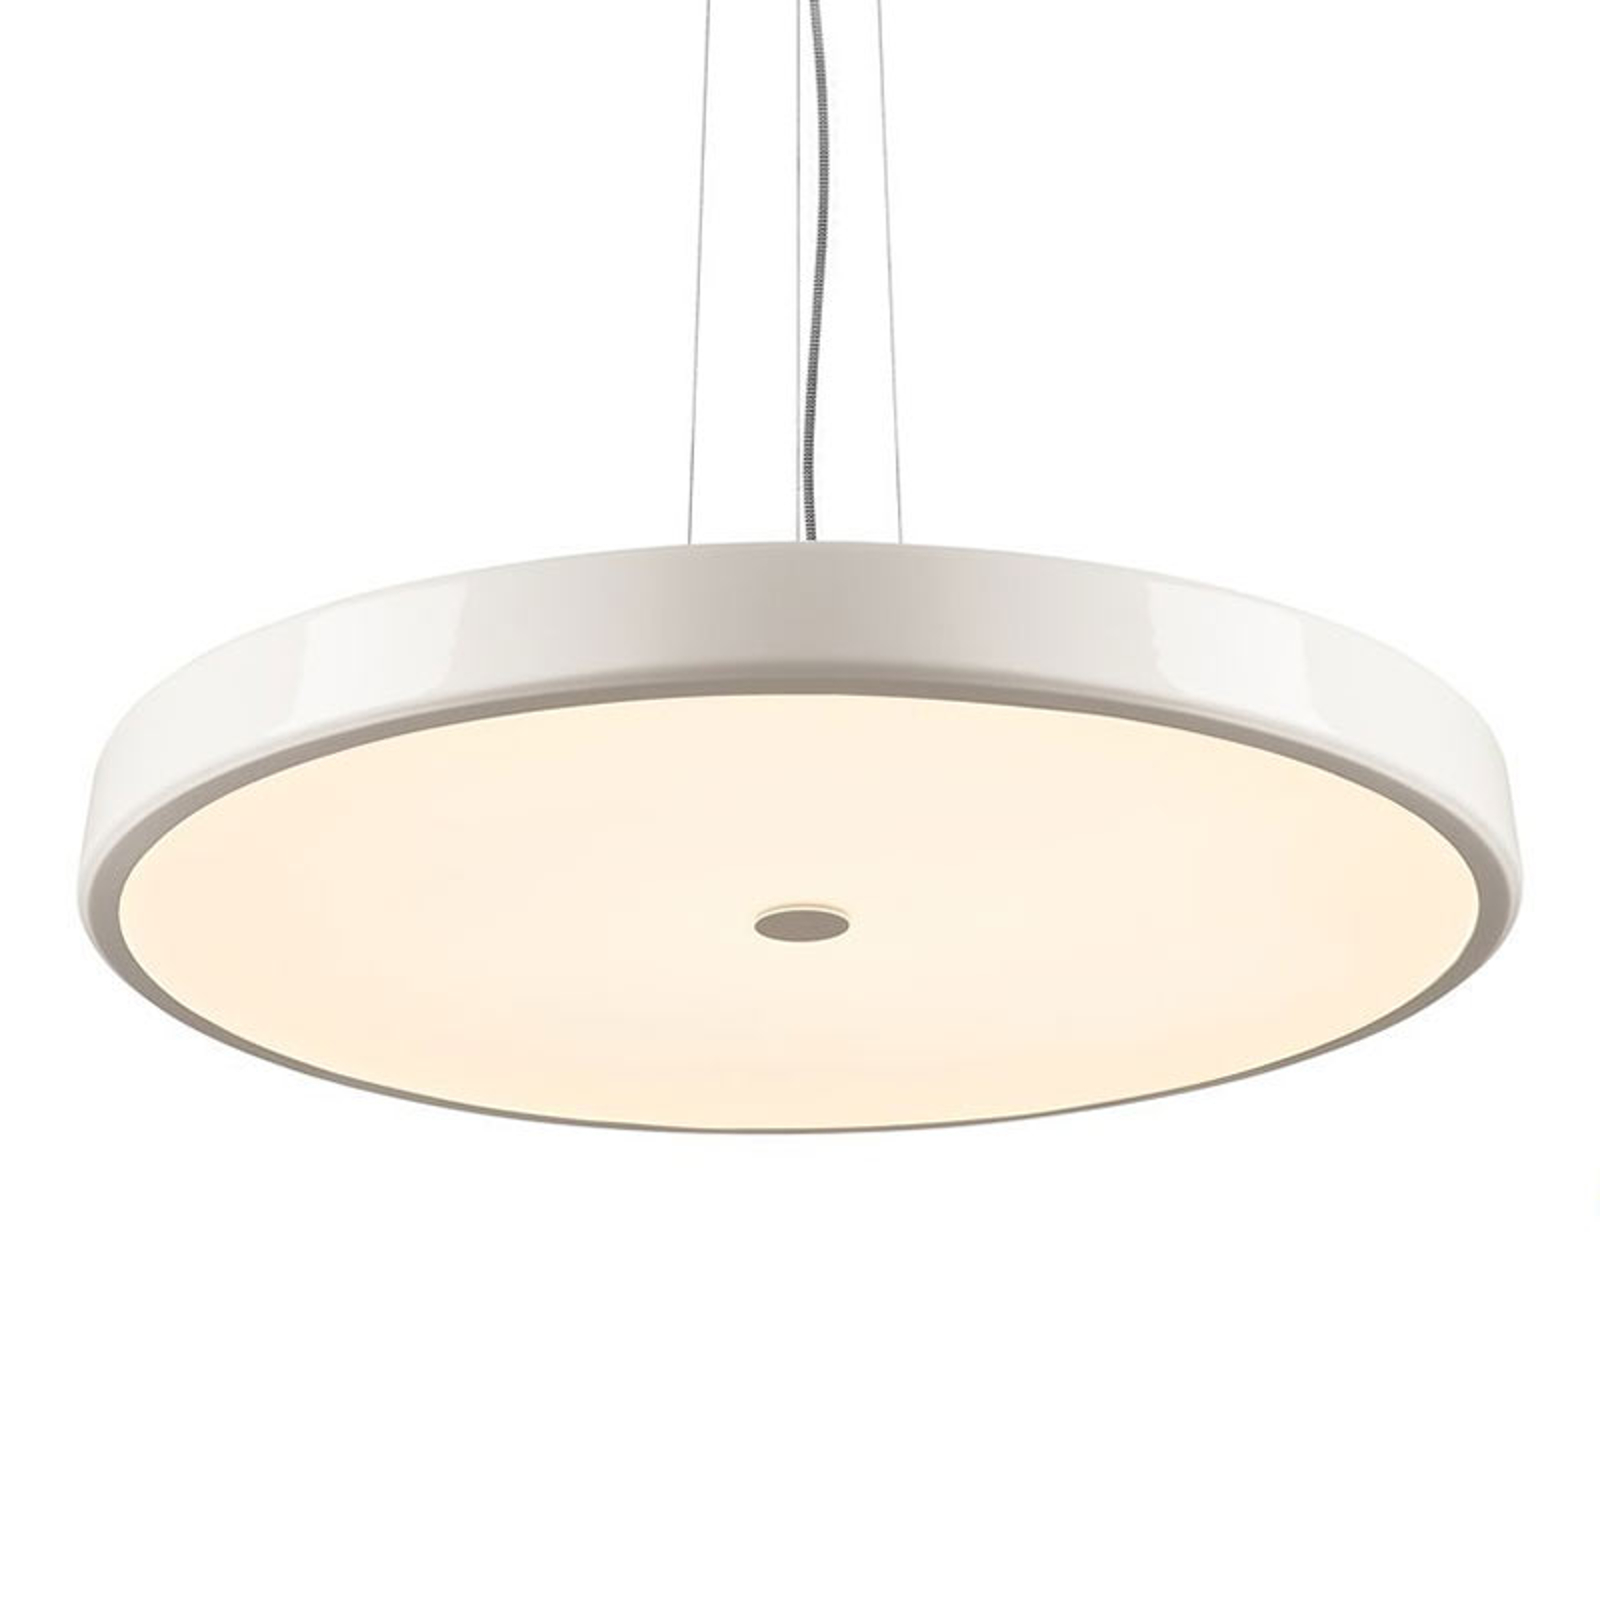 SLV Sphera LED hanglamp, dimbaar, Ø 75 cm